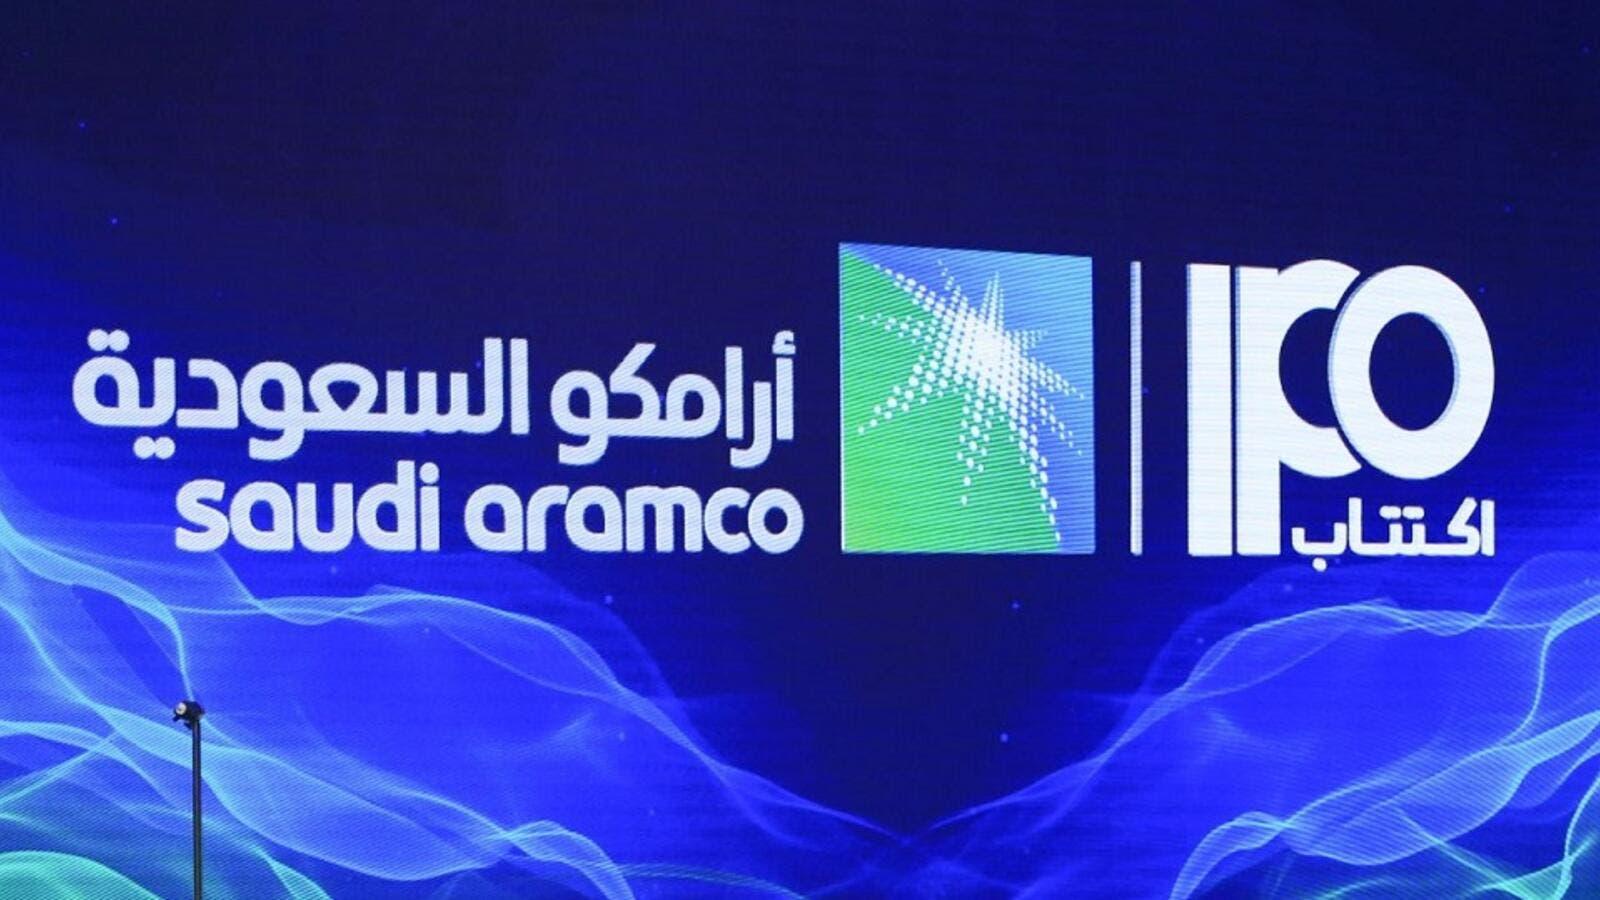 Saudi aramco ipo date